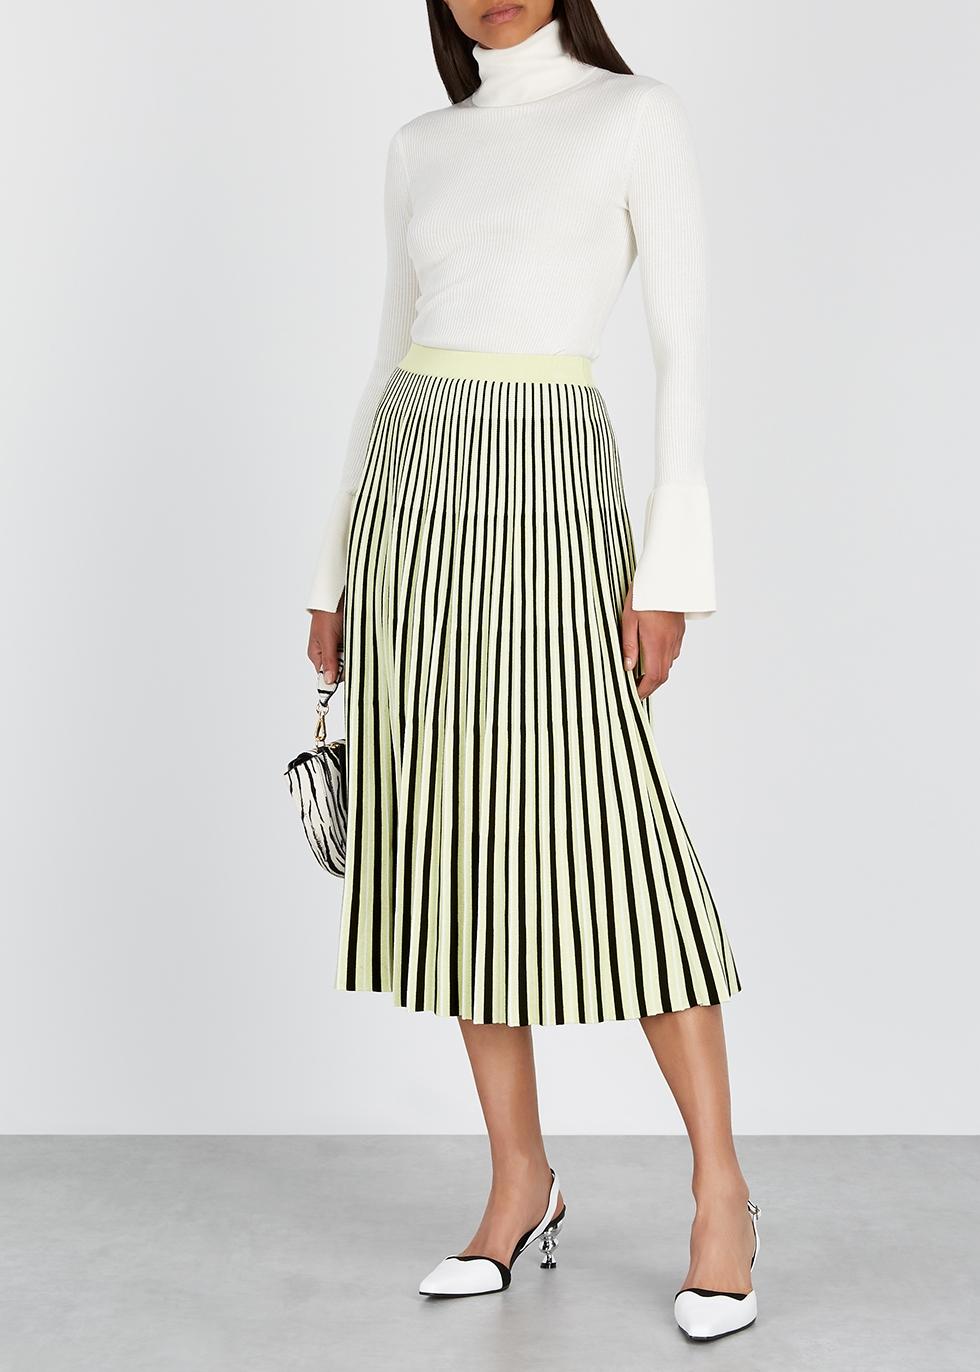 246a4e593 Women's Designer Skirts - Harvey Nichols